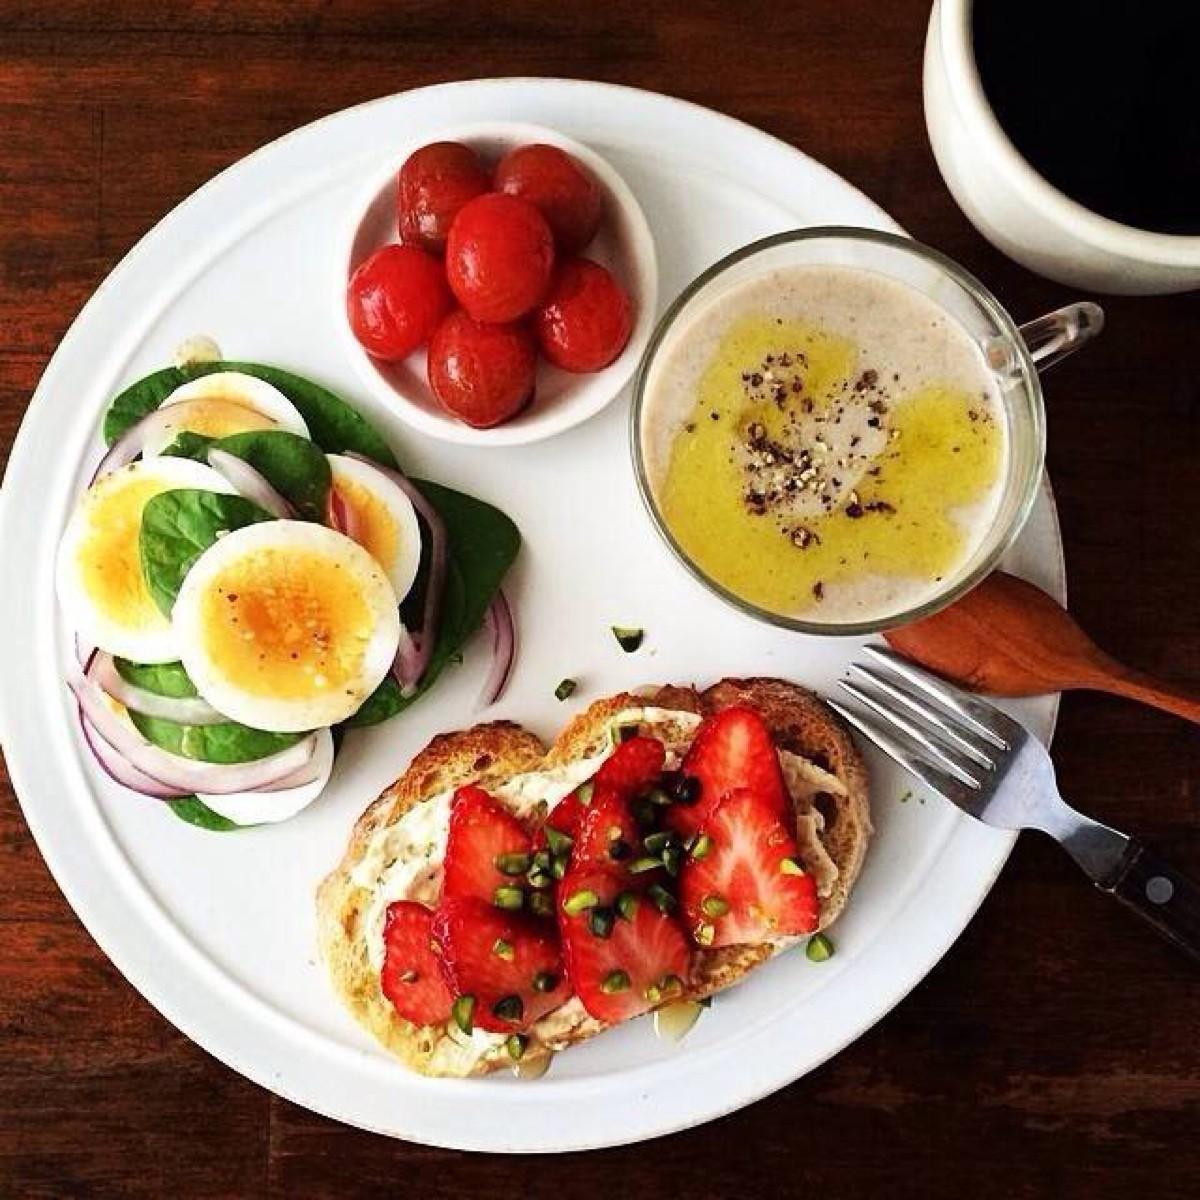 糖尿病患者减肥早餐食谱做法大全图片